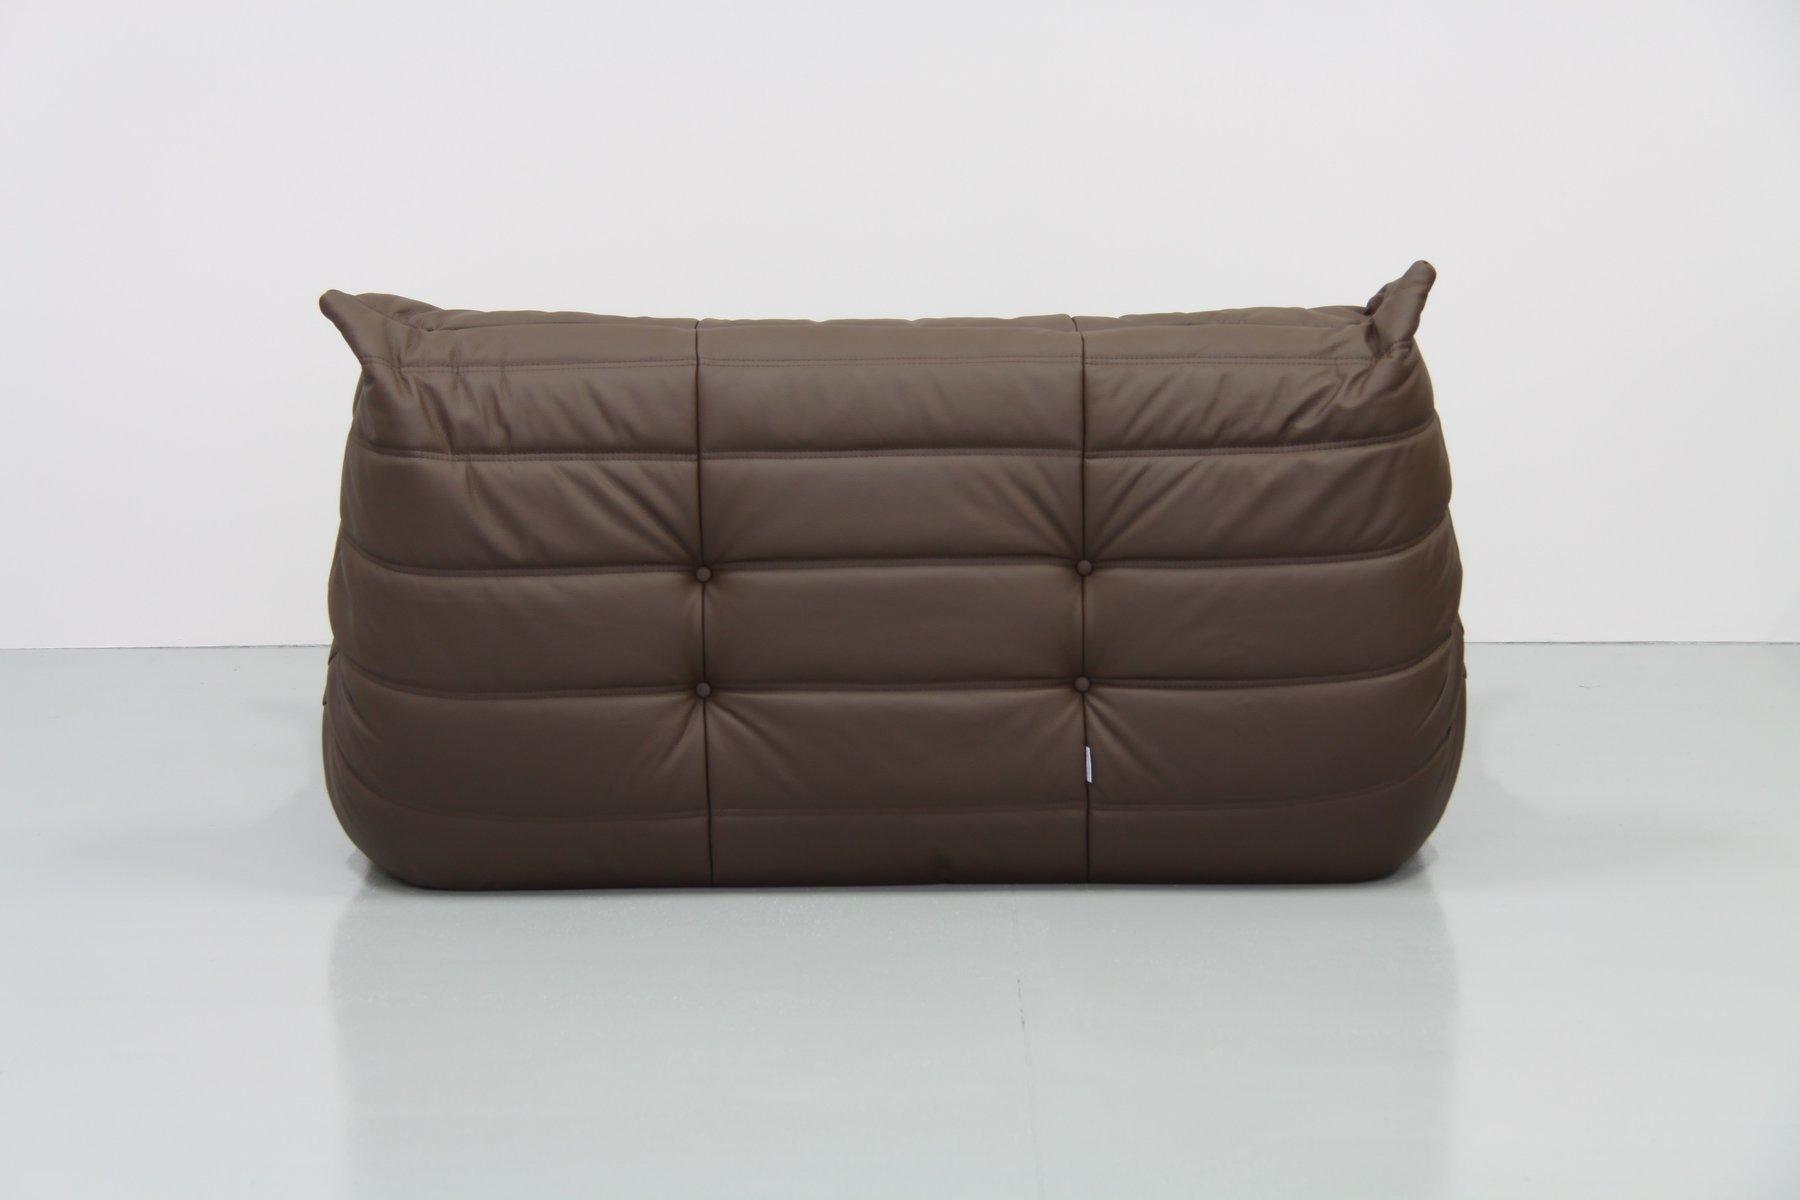 ensemble de salon mid century togo en cuir marron par michel ducaroy pour ligne roset 1970s en. Black Bedroom Furniture Sets. Home Design Ideas